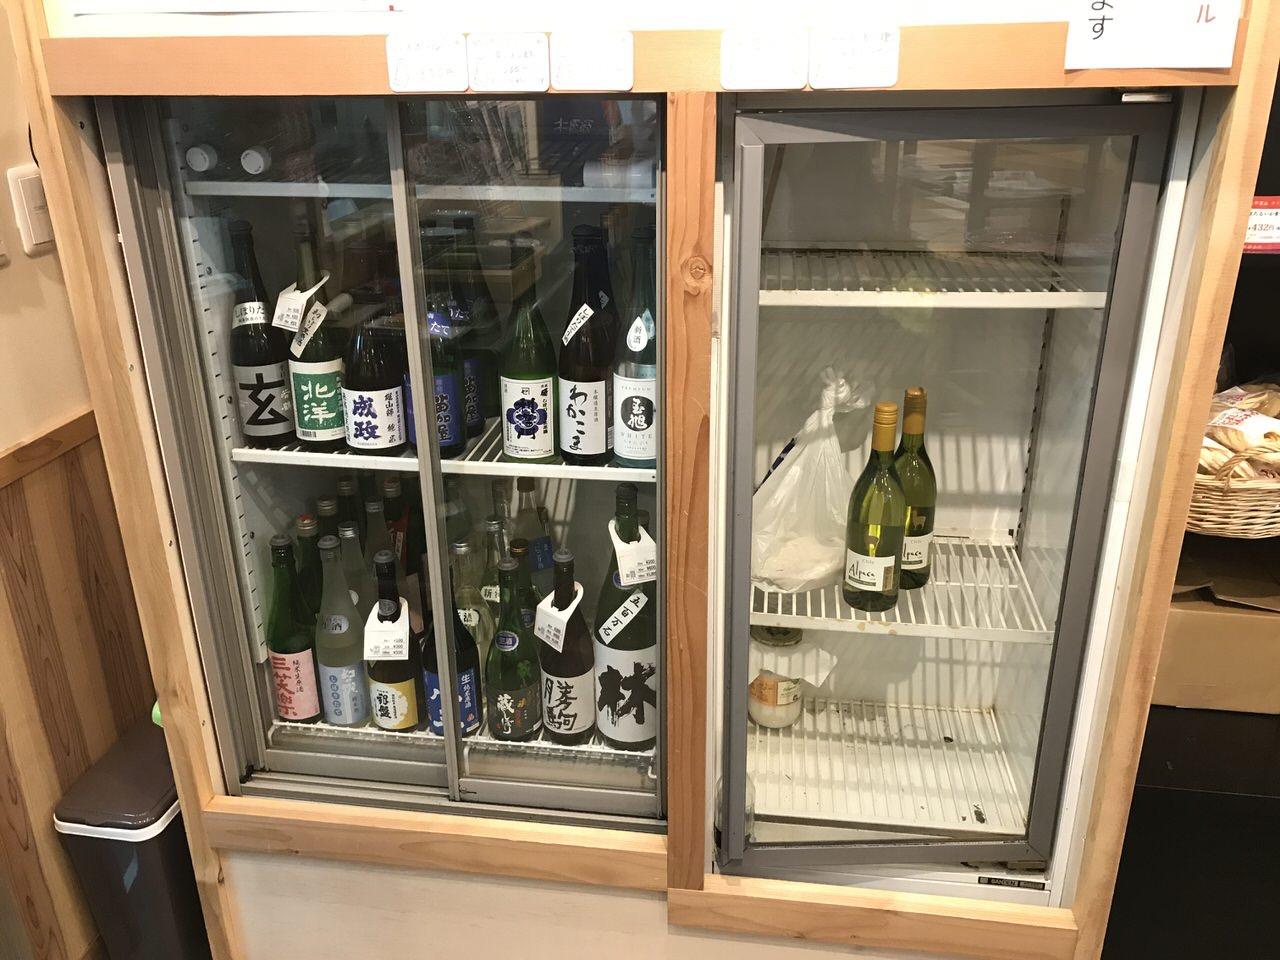 高岡「お富」日本酒の冷蔵庫